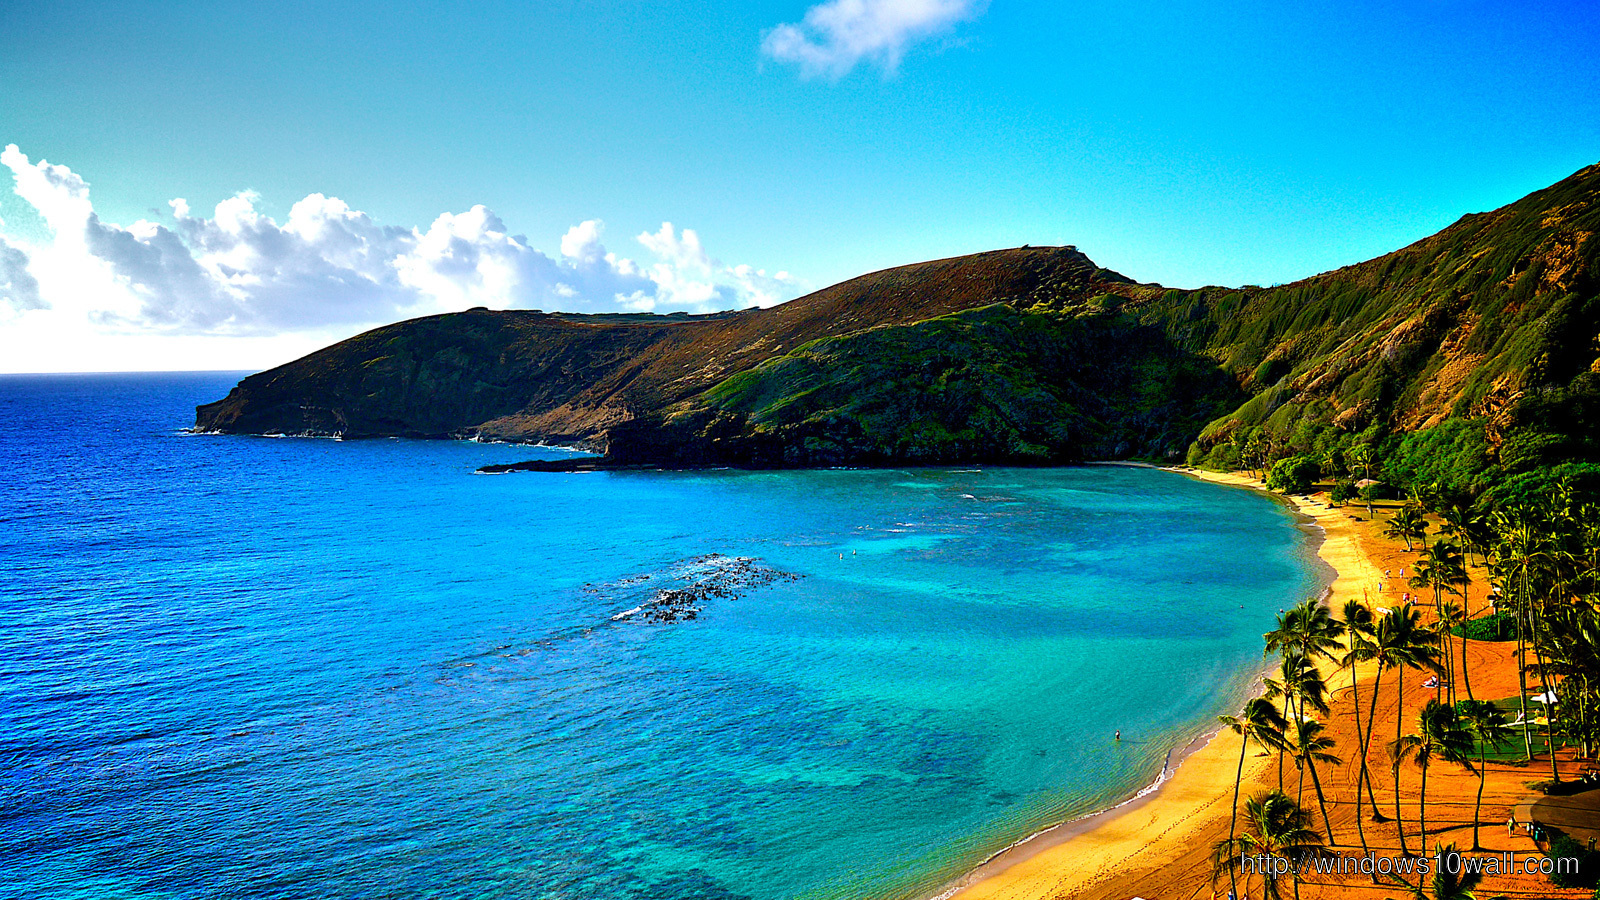 hawaii widescreen hd travel wallpaper windows 10 wallpapers